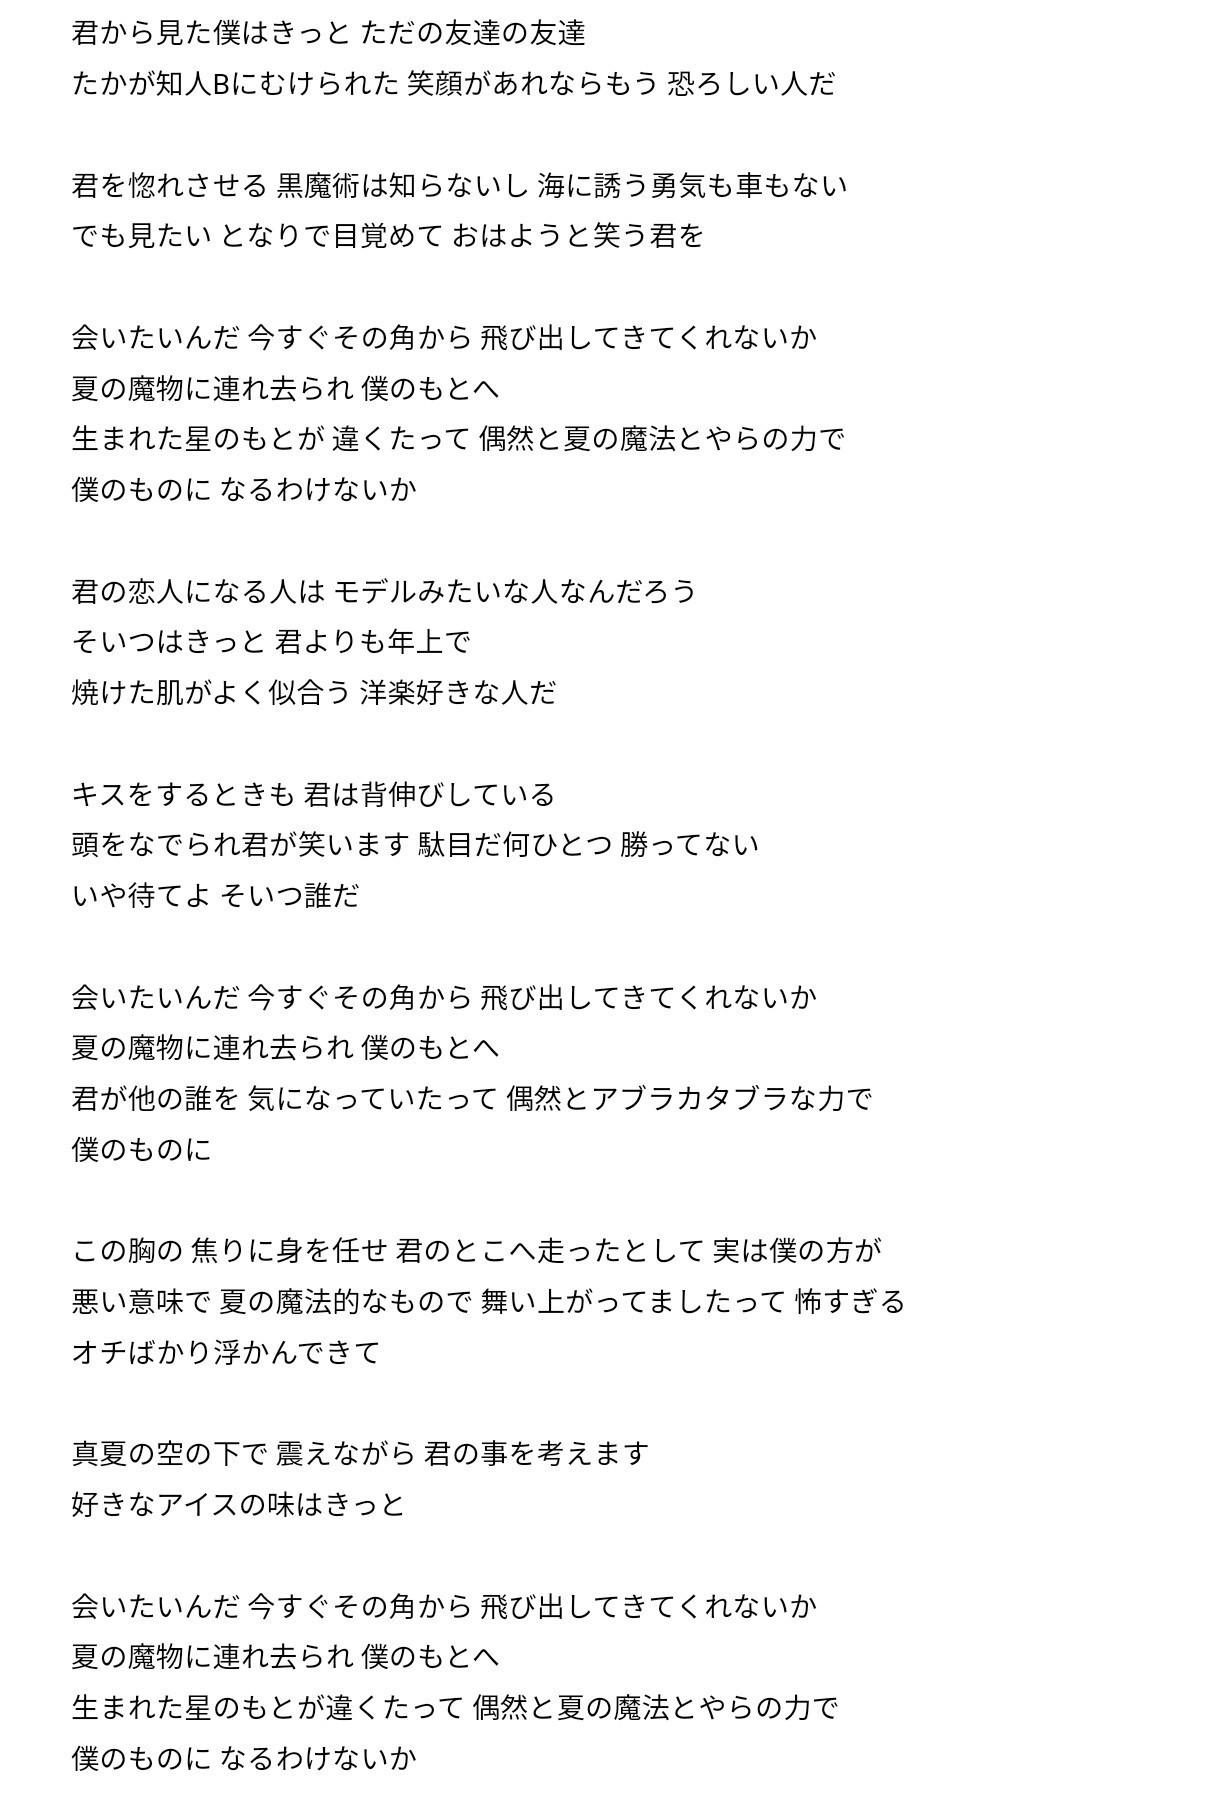 高嶺 の 花子 さん 歌詞